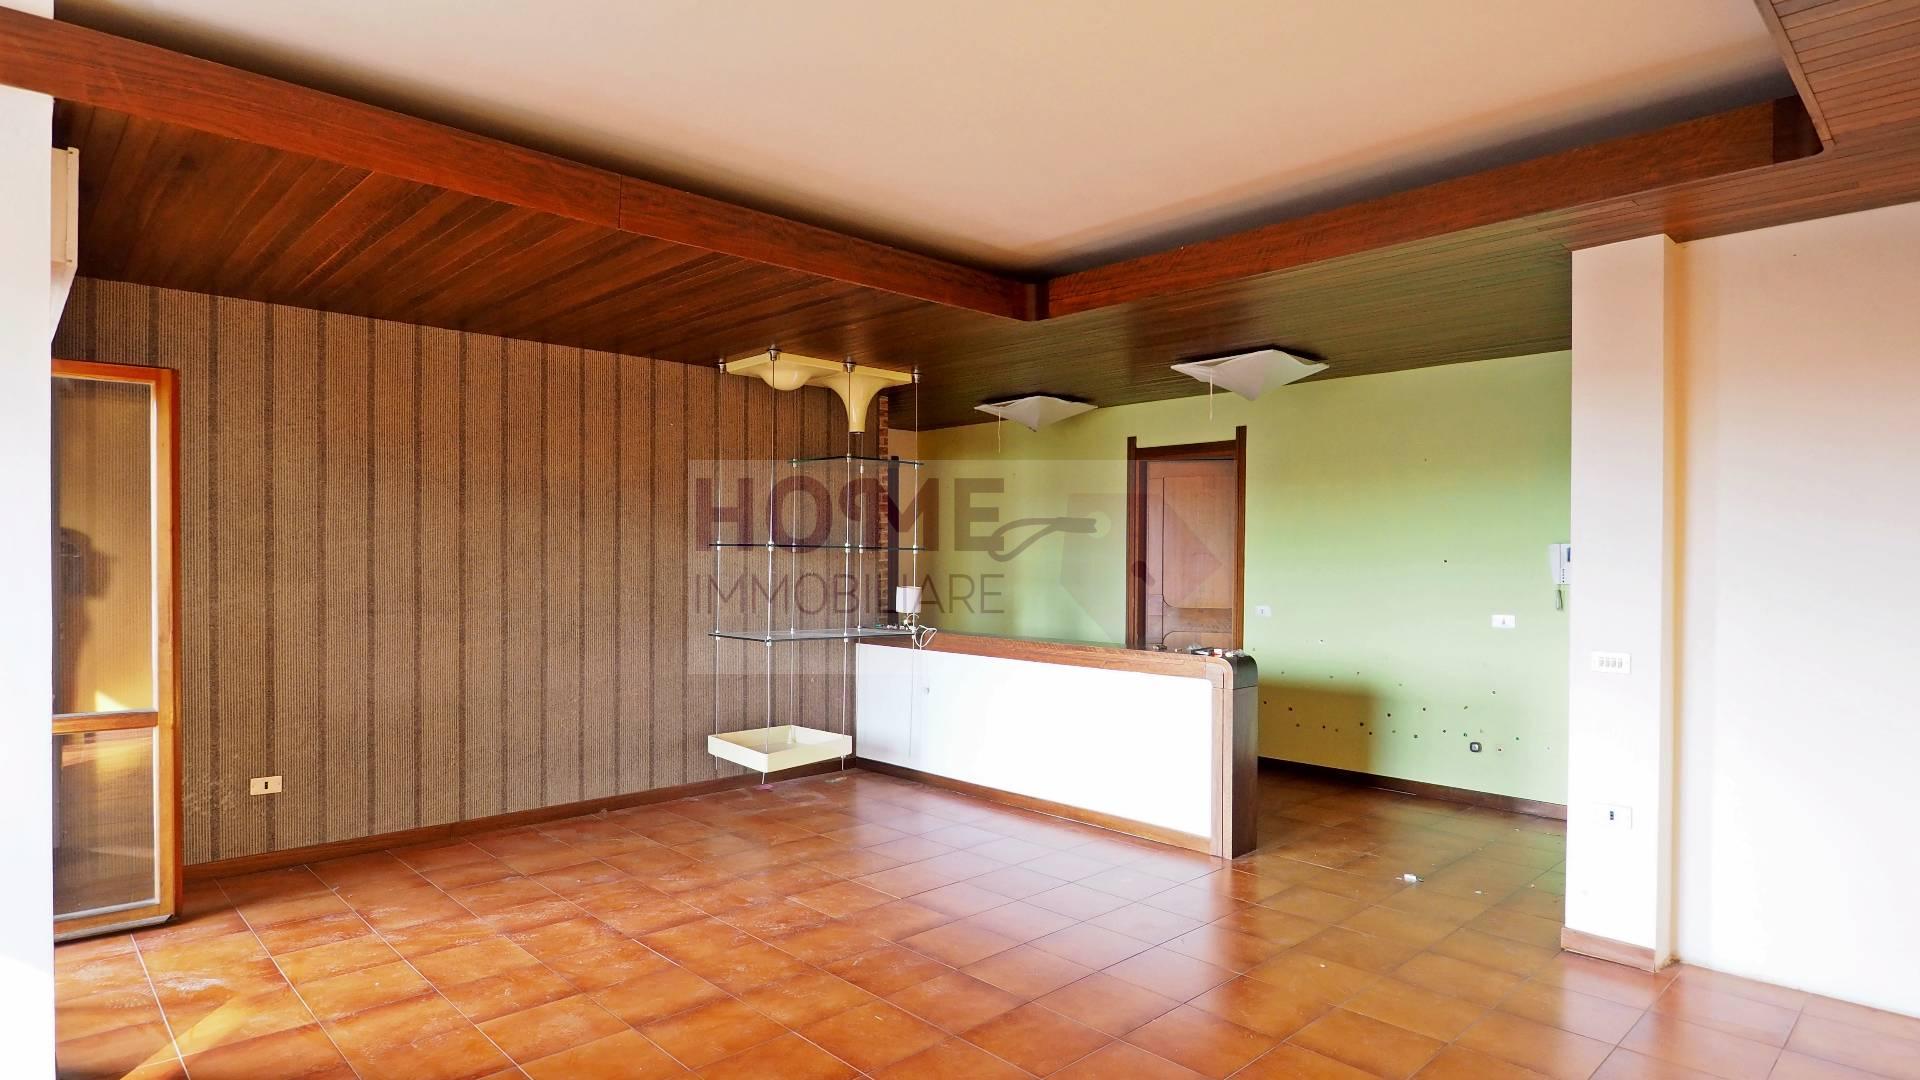 Appartamento MACERATA vendita  Semicentrale  Home Immobiliare Srl